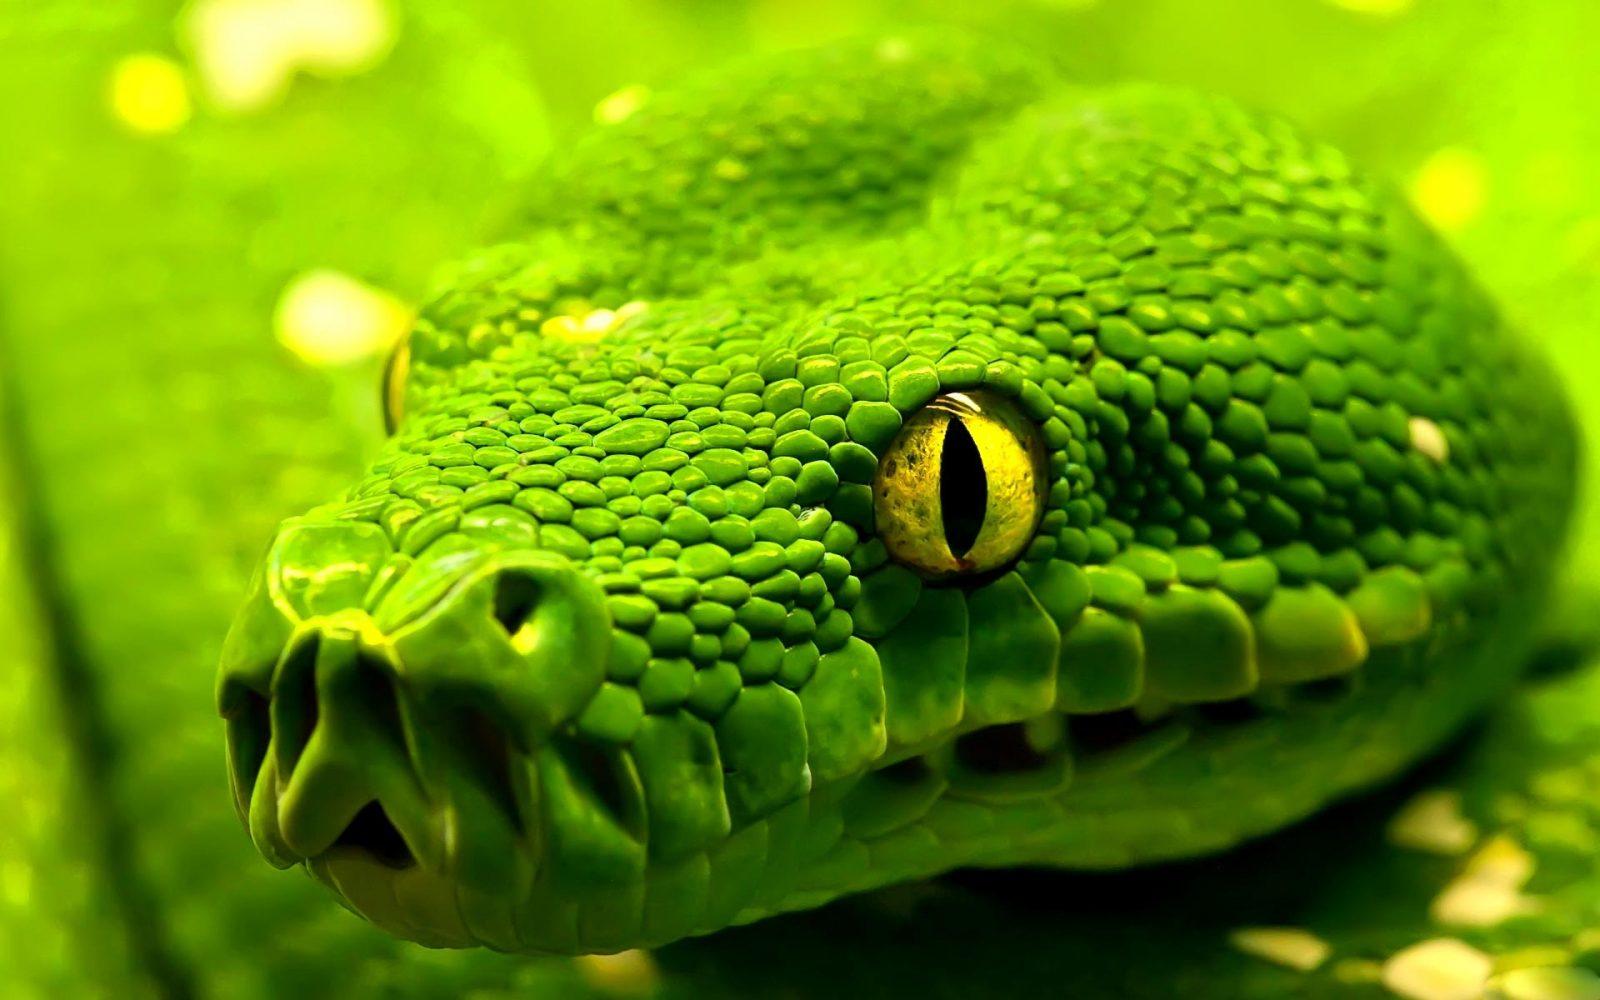 Imágenes de serpientes 3D :: Imágenes y fotos